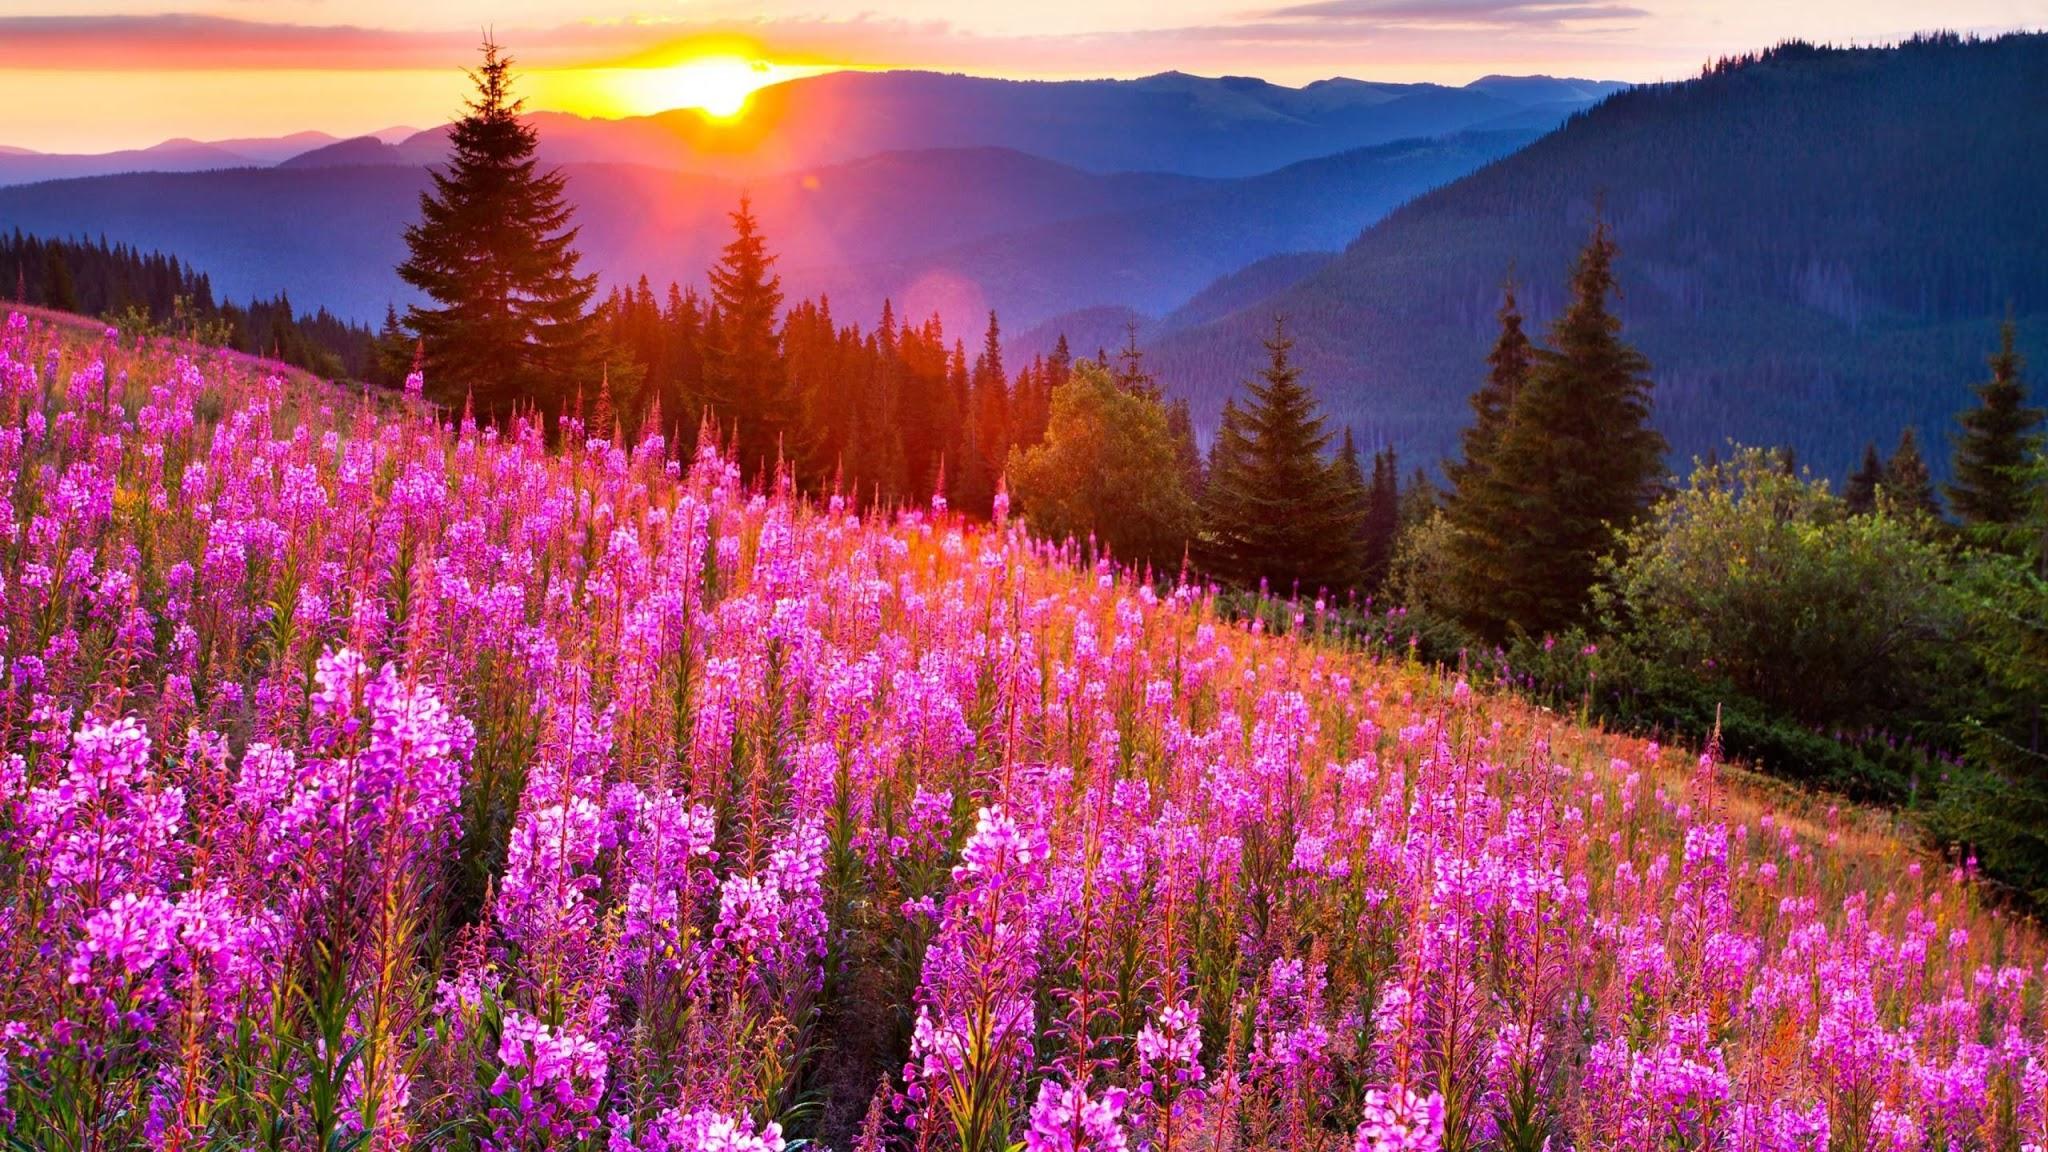 花畑の壁紙夕日に照らされる斜面